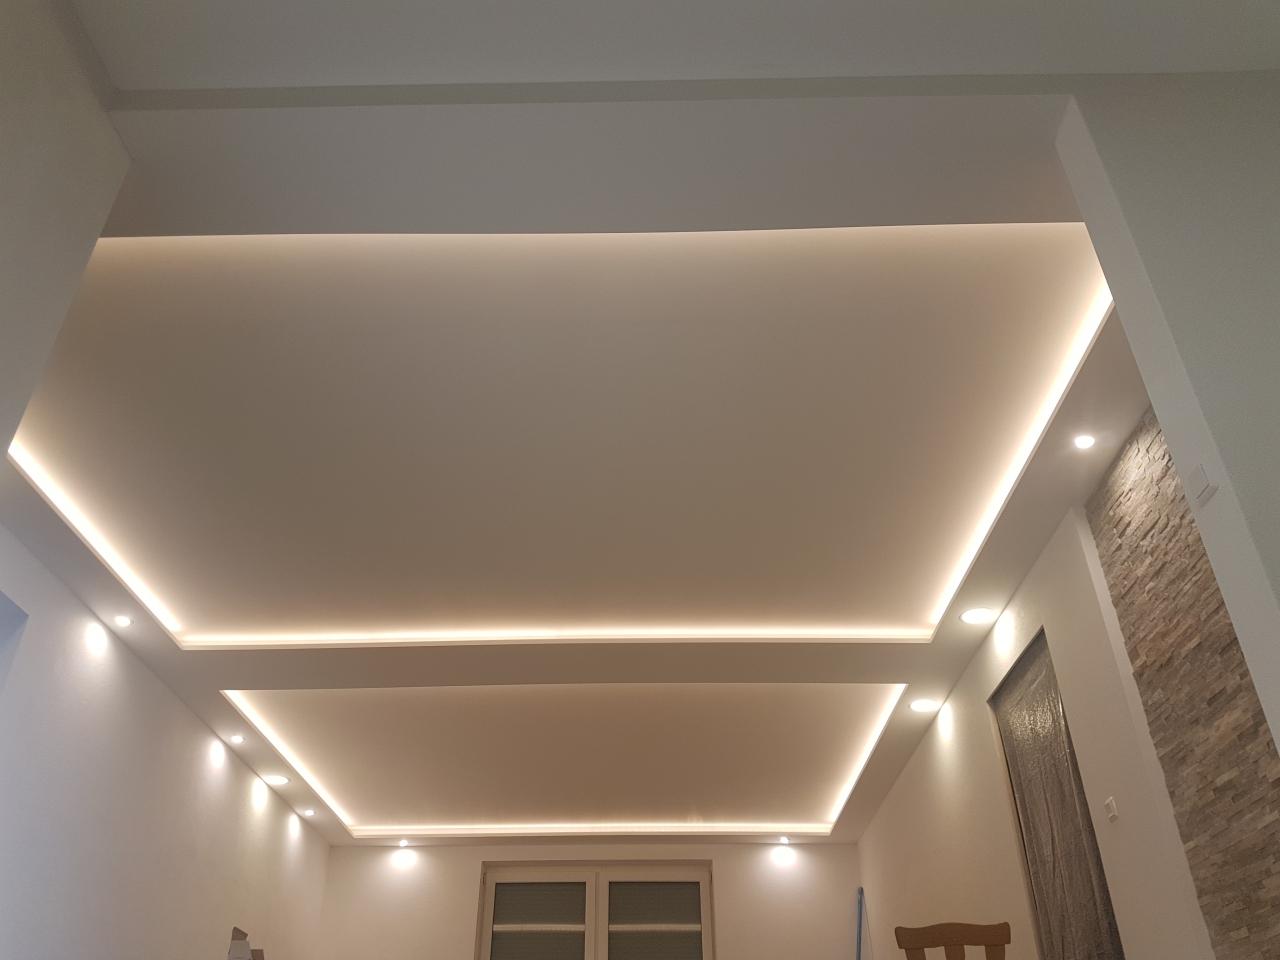 indirekte beleuchtung - bauanleitung zum selberbauen - 1-2-do